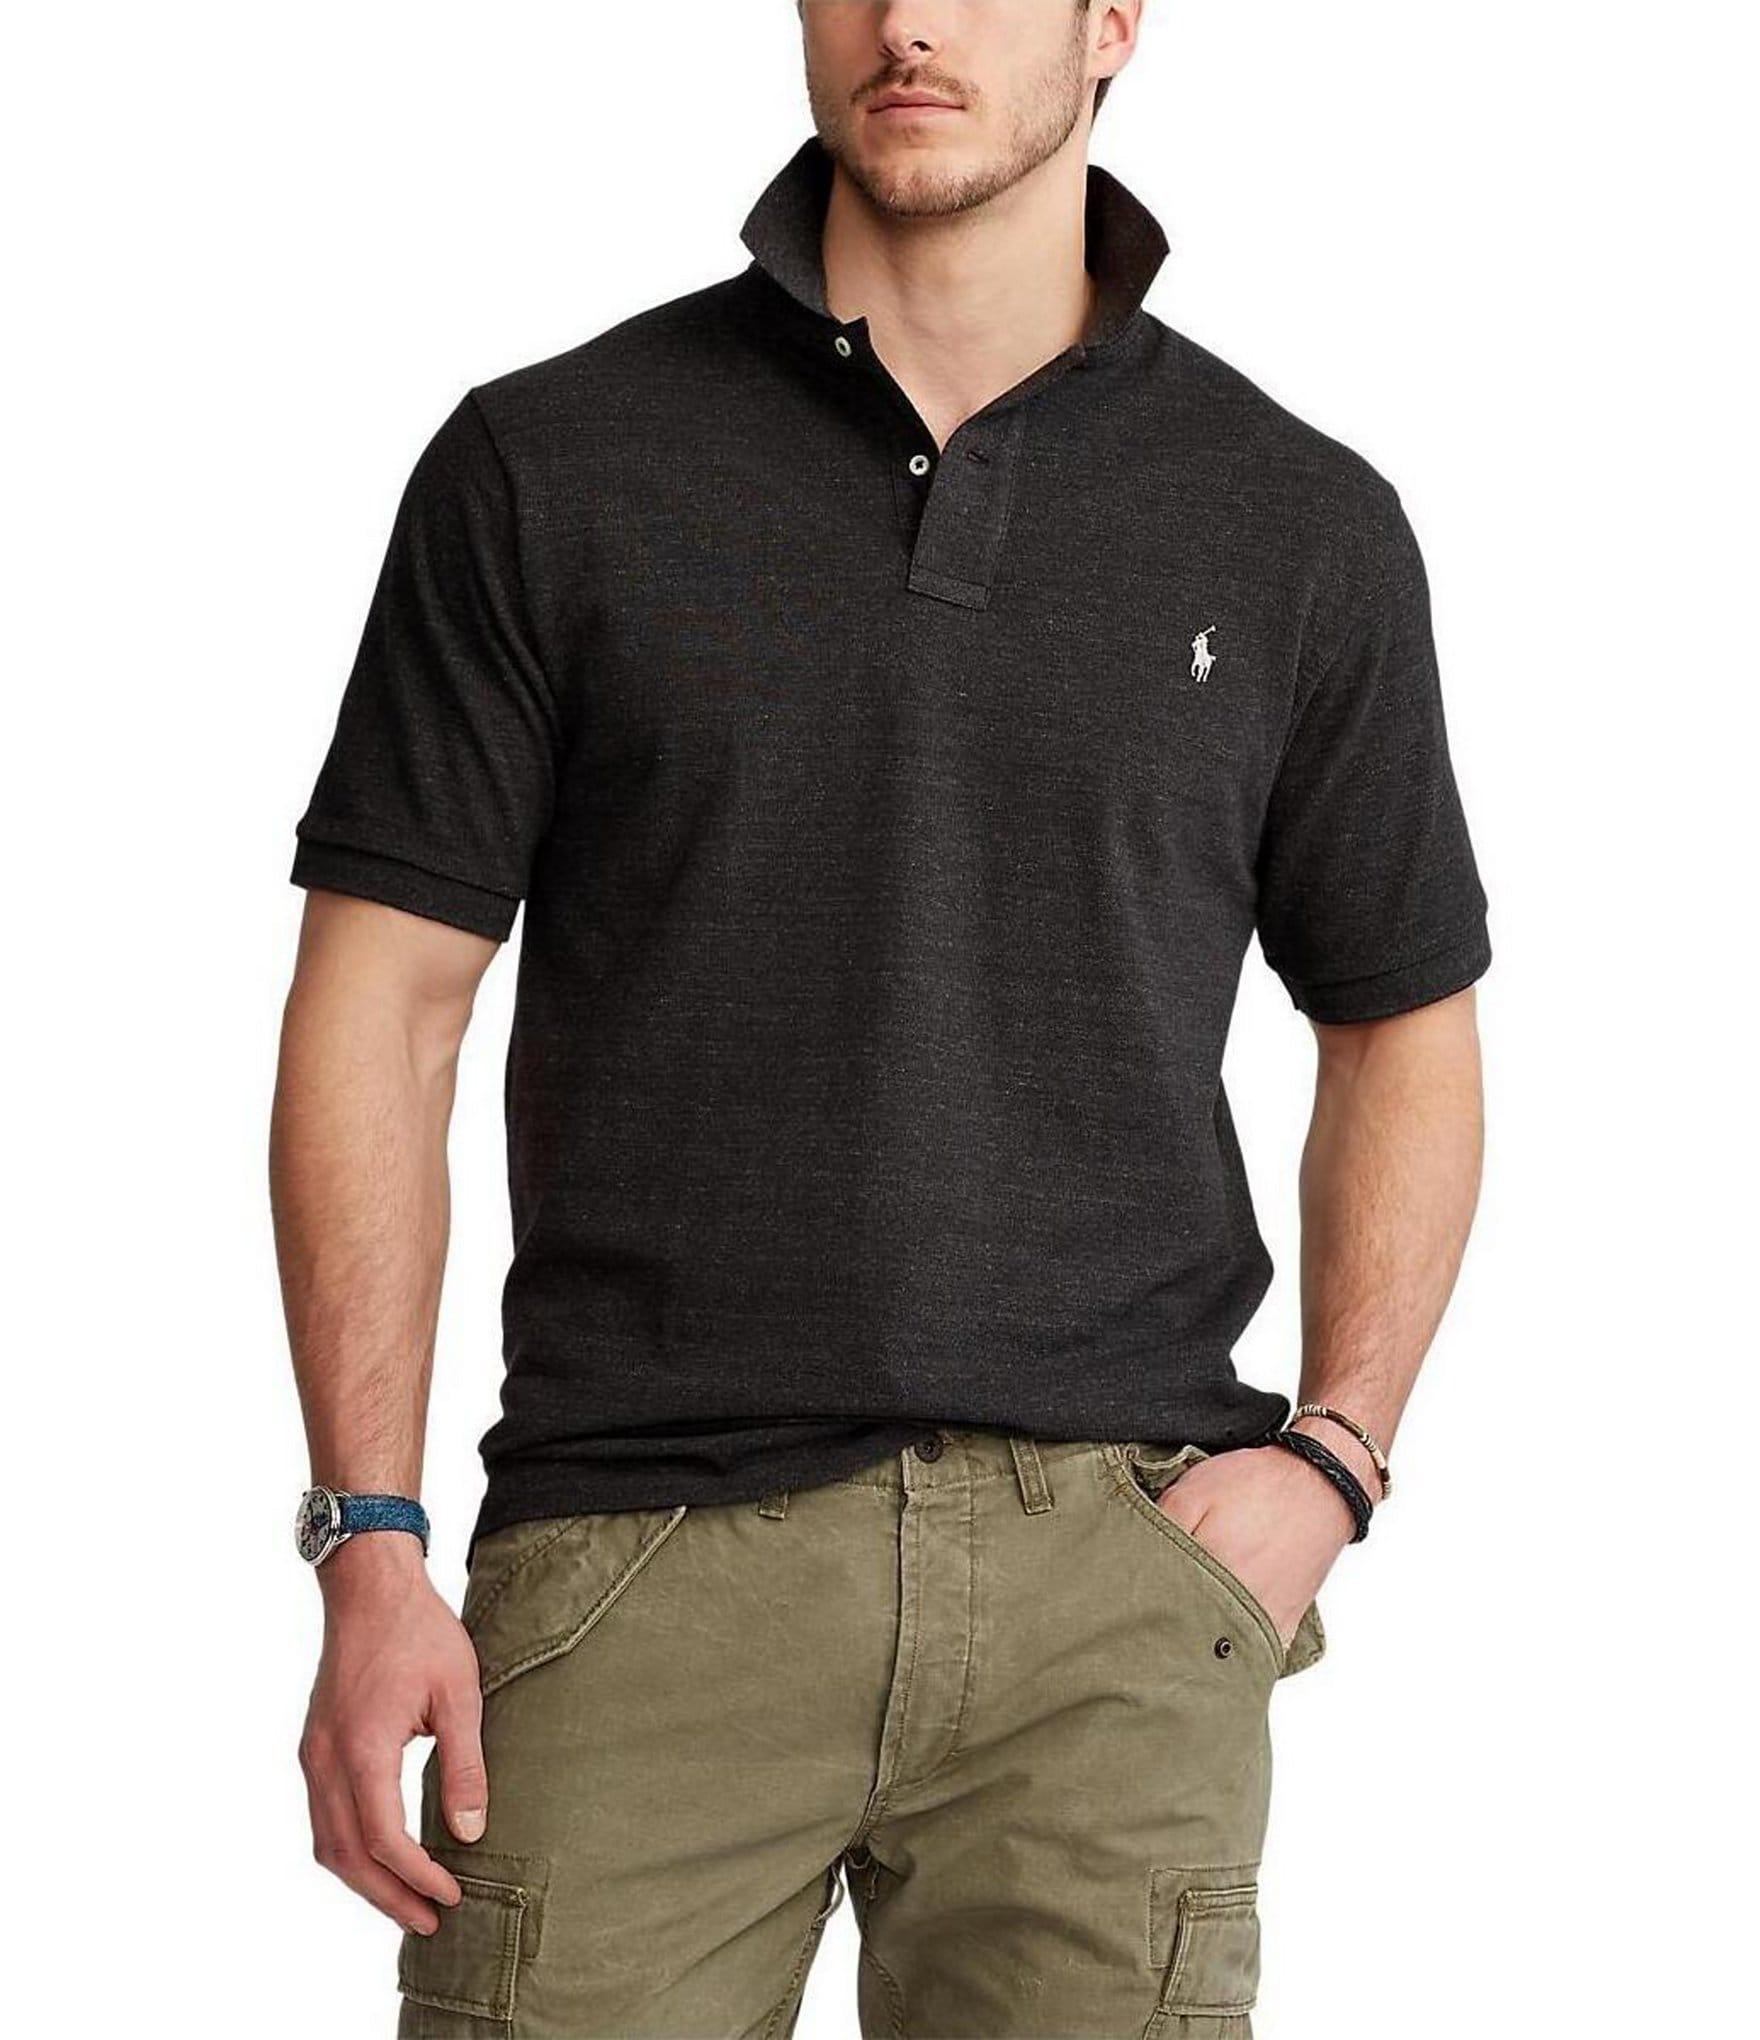 polo ralph lauren rn 41381 shorts ralph lauren black short sleeve shirt